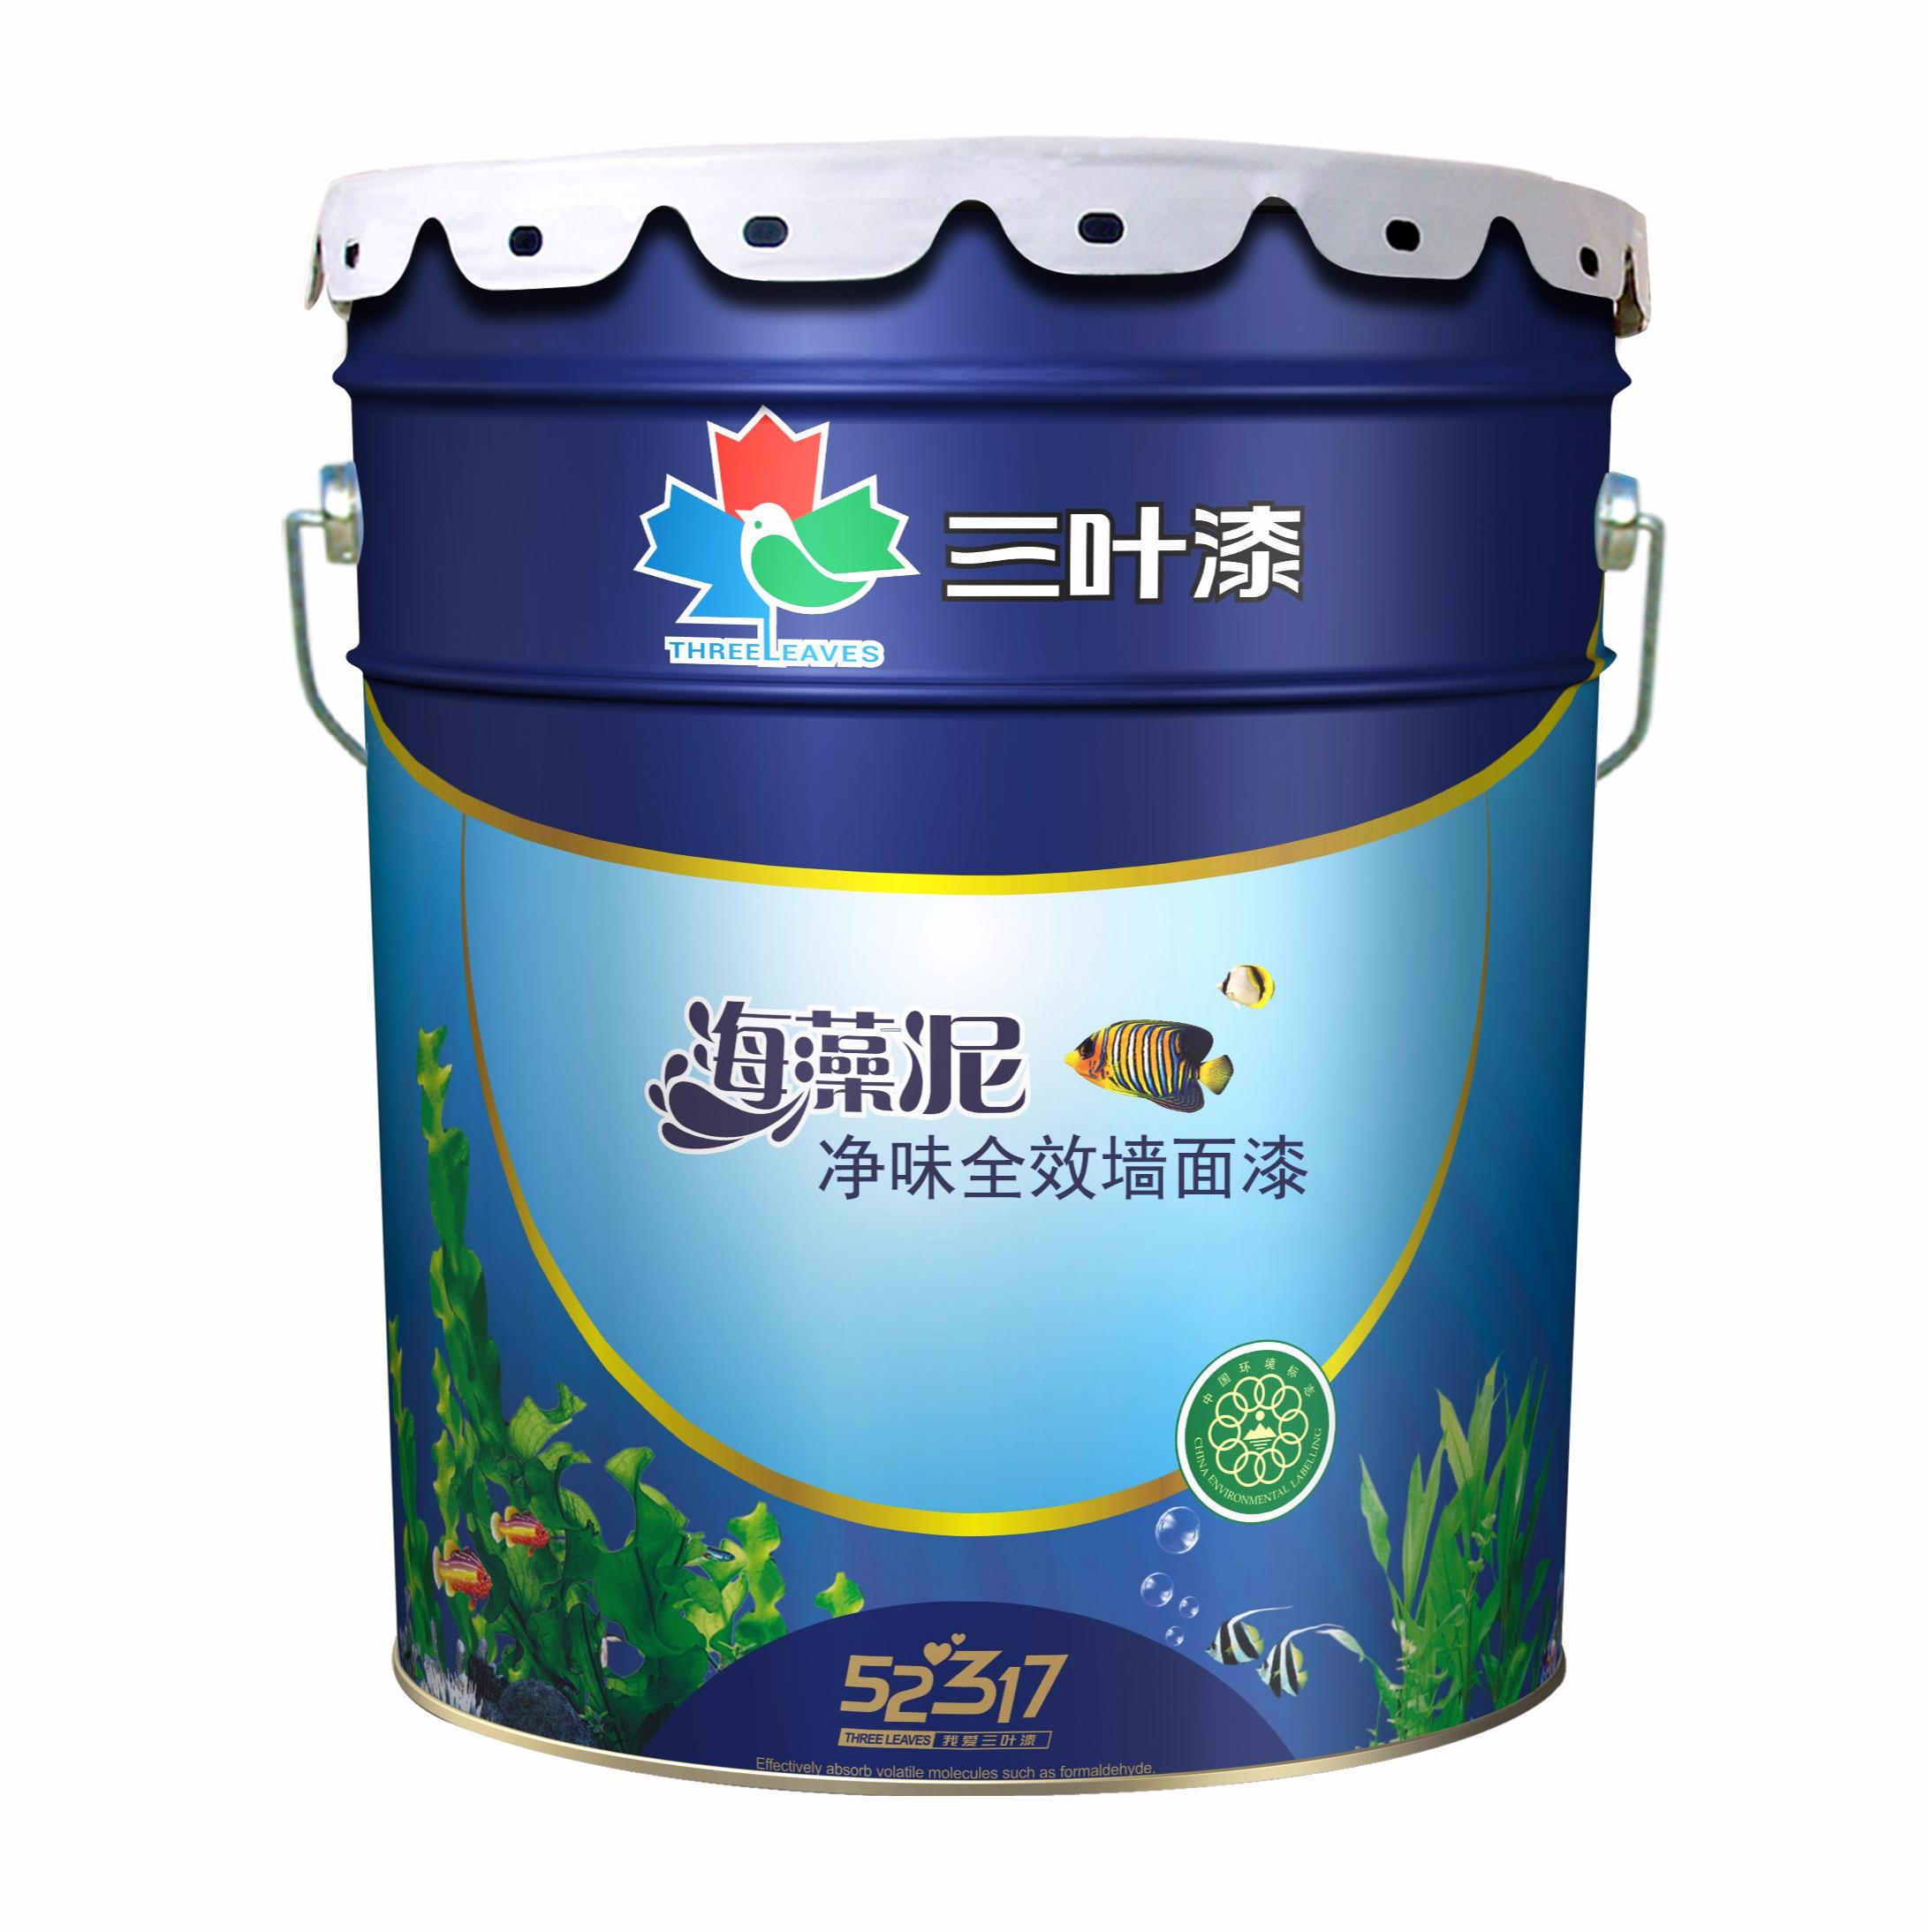 海藻泥超净界全能墙面漆